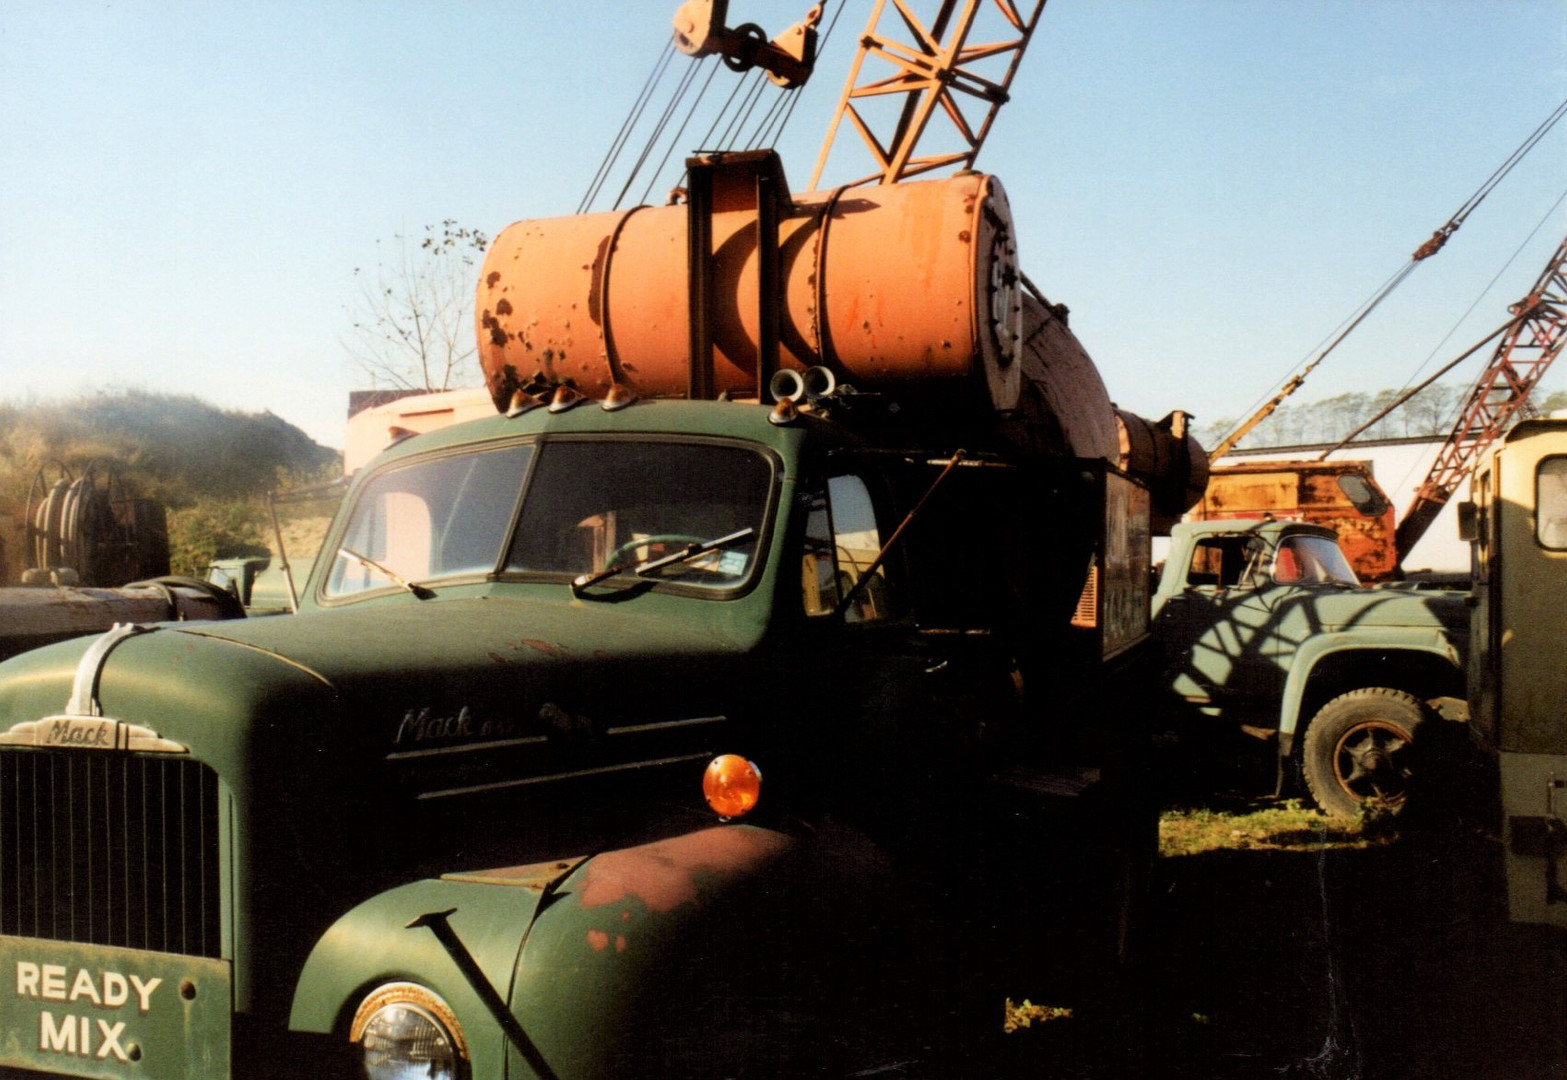 Mack & Ford transit mix trucks